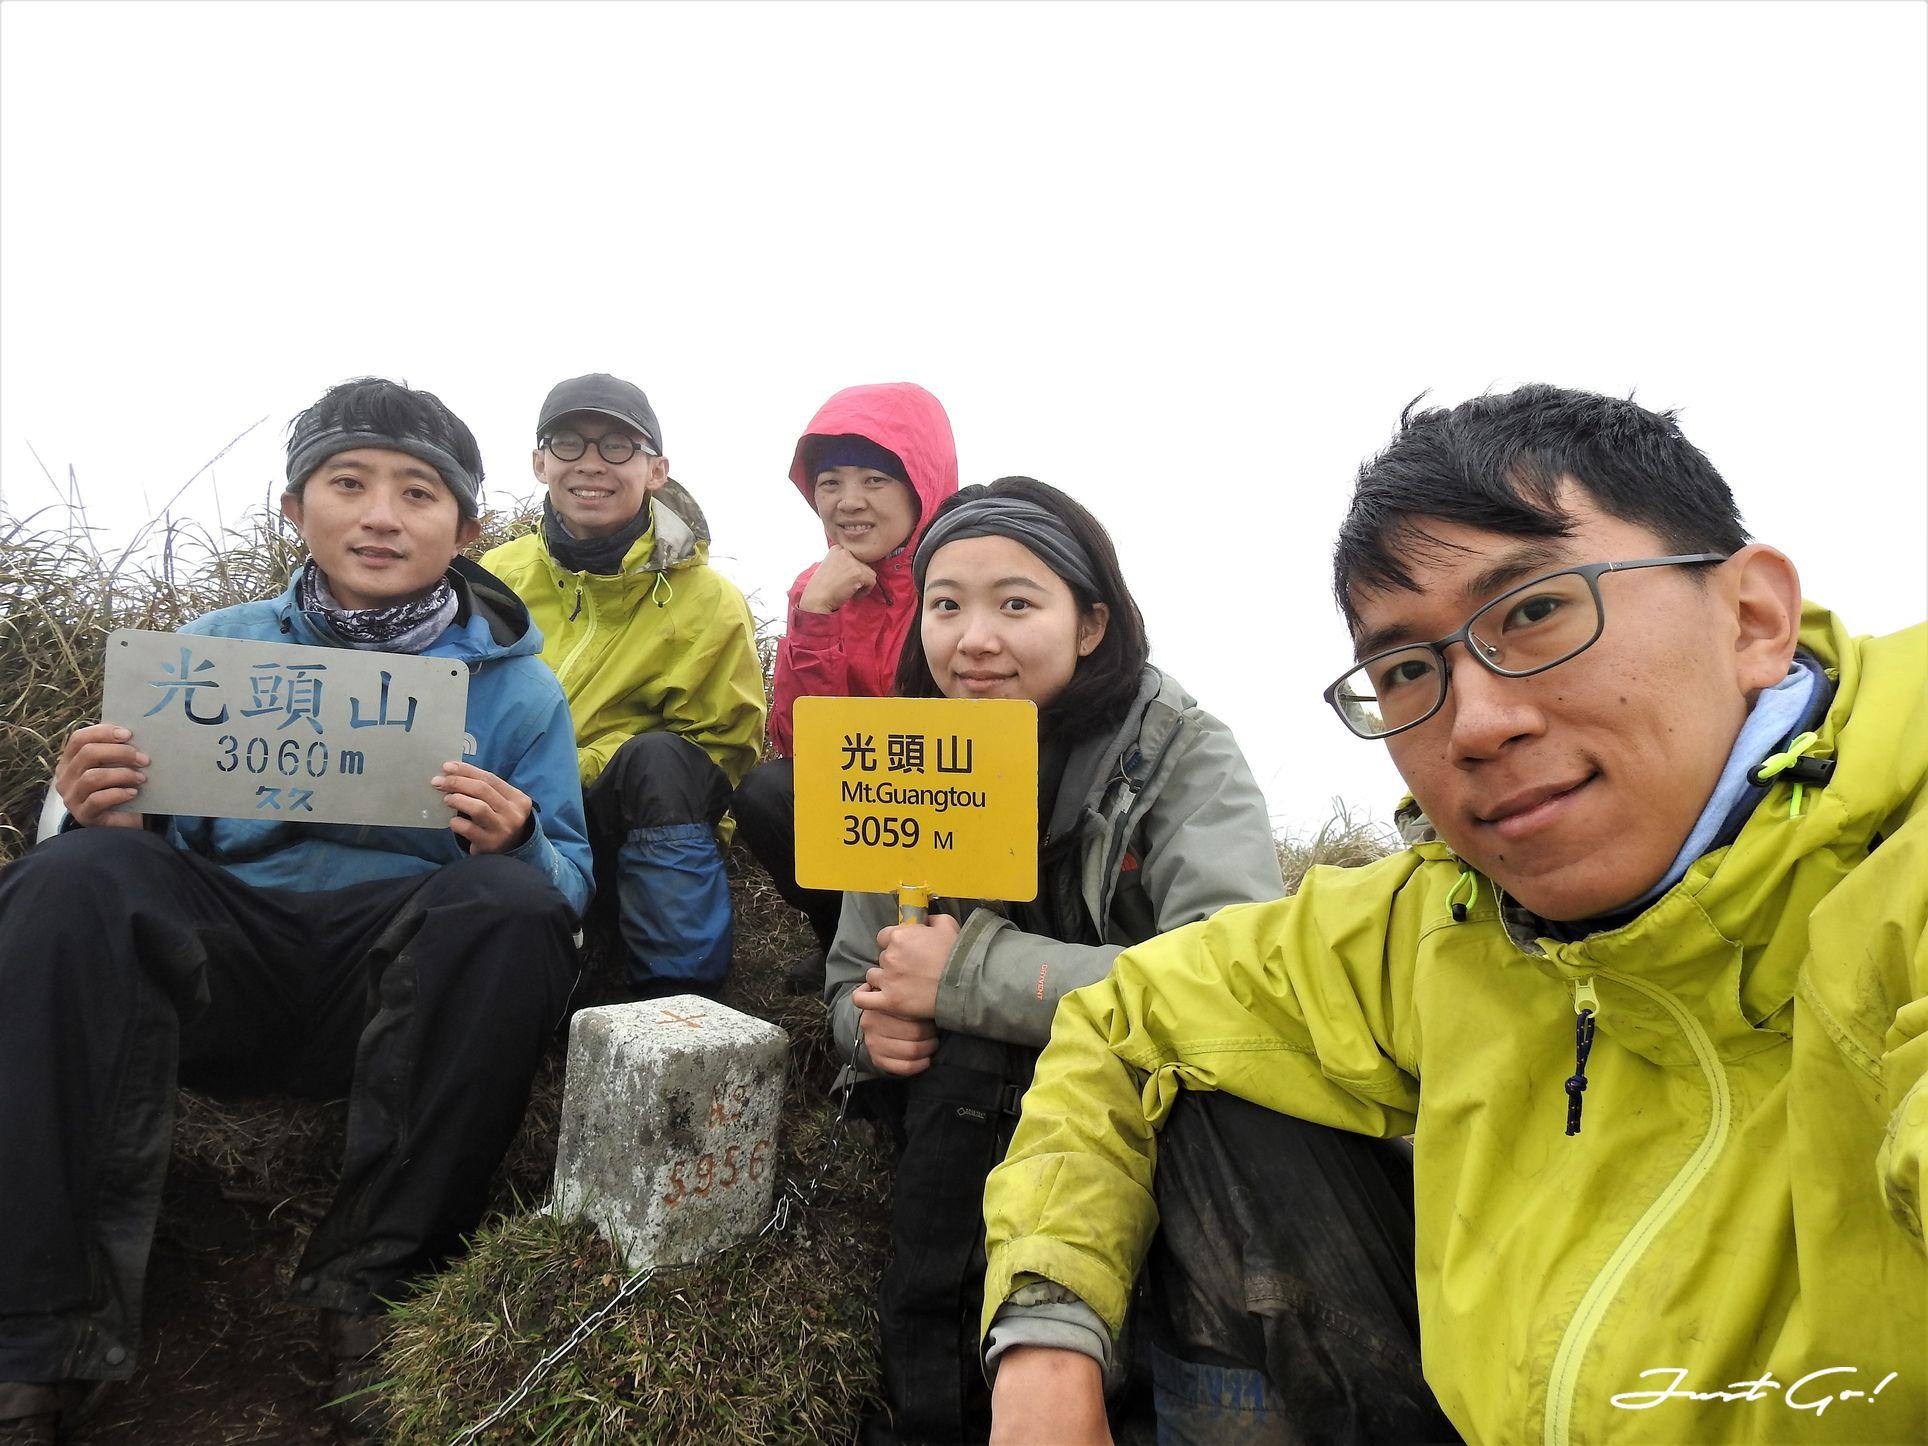 台灣 - 能高安東軍縱走自組隊-5日行程遊記、gpx路線、申請、水源28